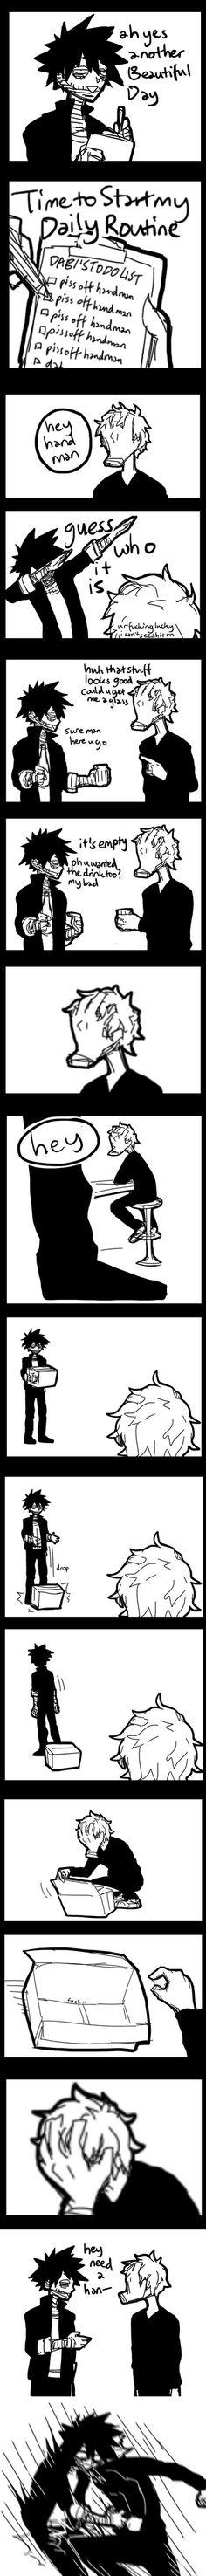 Boku no Hero Academia || Shigaraki Tomura/Shimura Tenko || Dabi